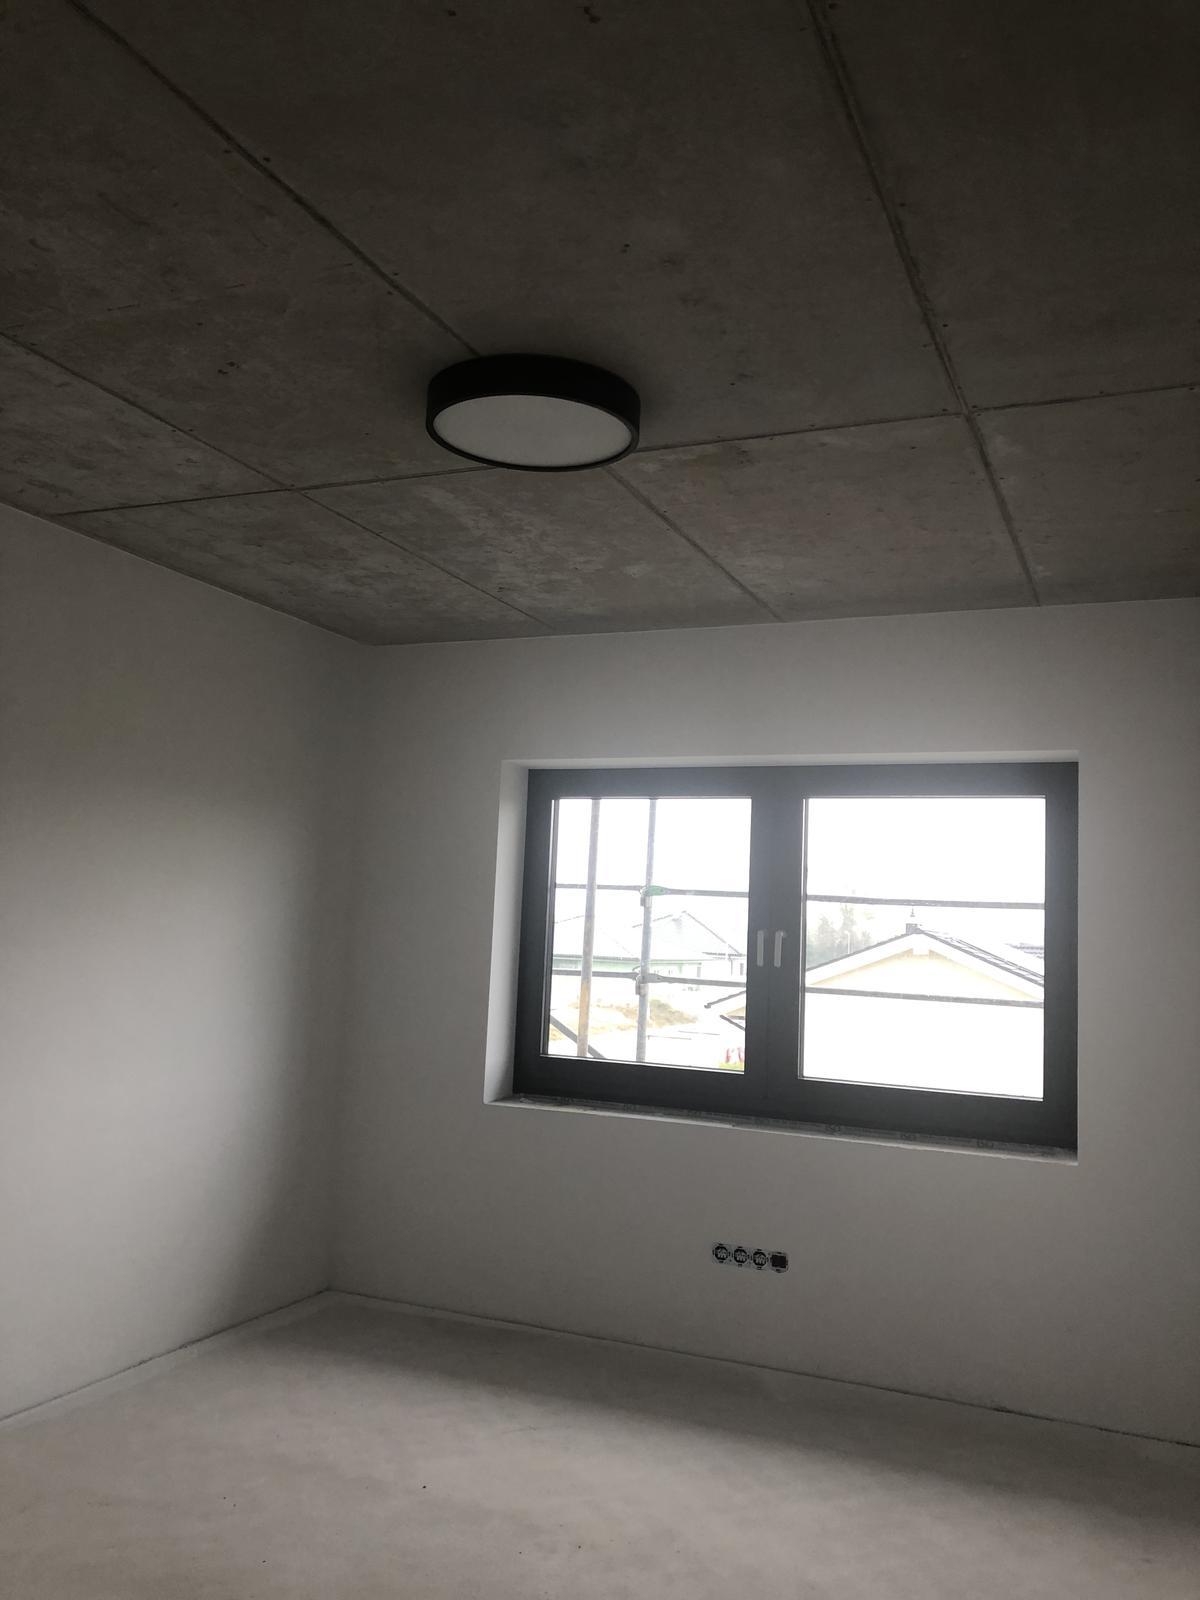 ...na Slnečnej... - Priznaný betónový strop v chlapčenských izbách.